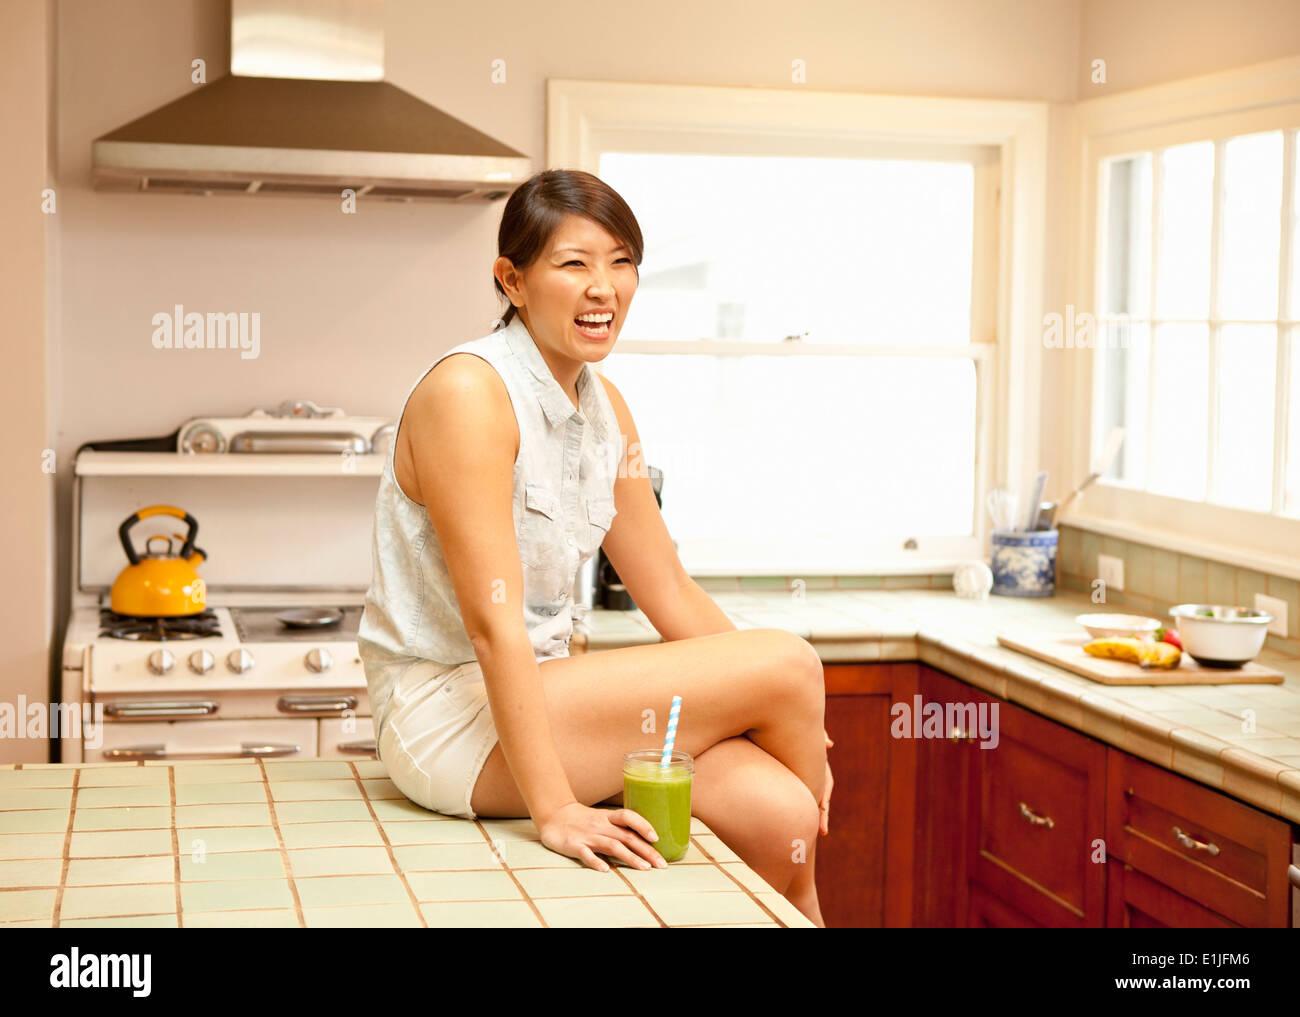 Junge Frau mit grünen Smoothie in Küche Stockbild